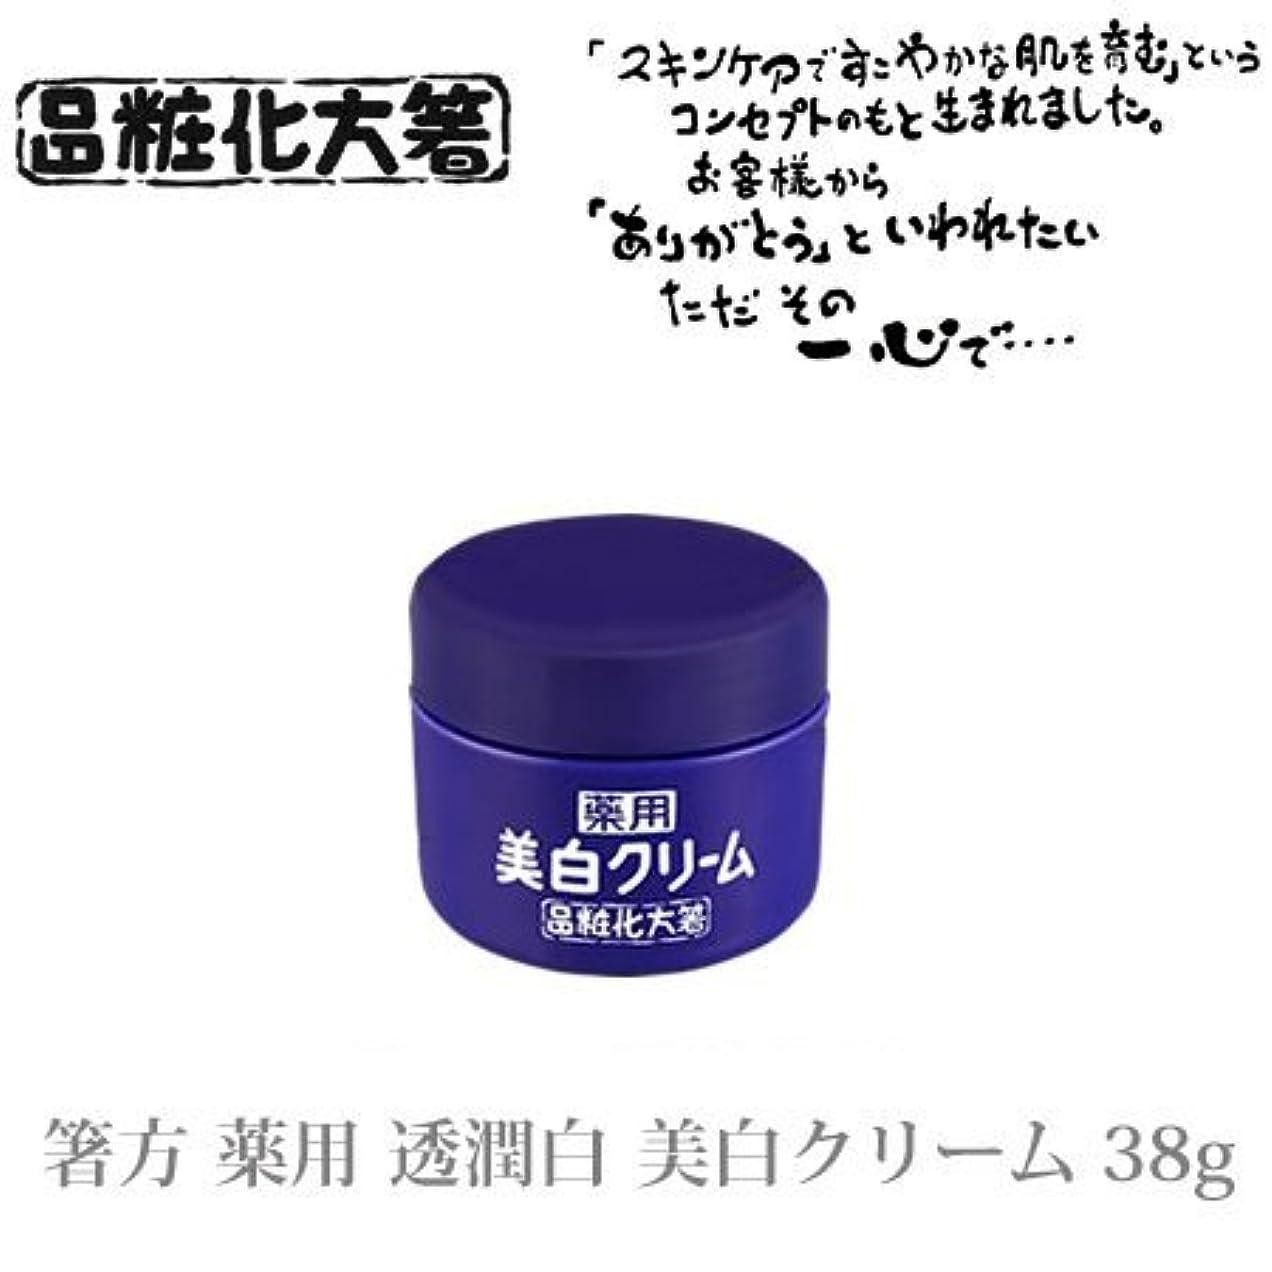 分配します処方する人に関する限り箸方化粧品 薬用 透潤白 美白クリーム 38g はしかた化粧品